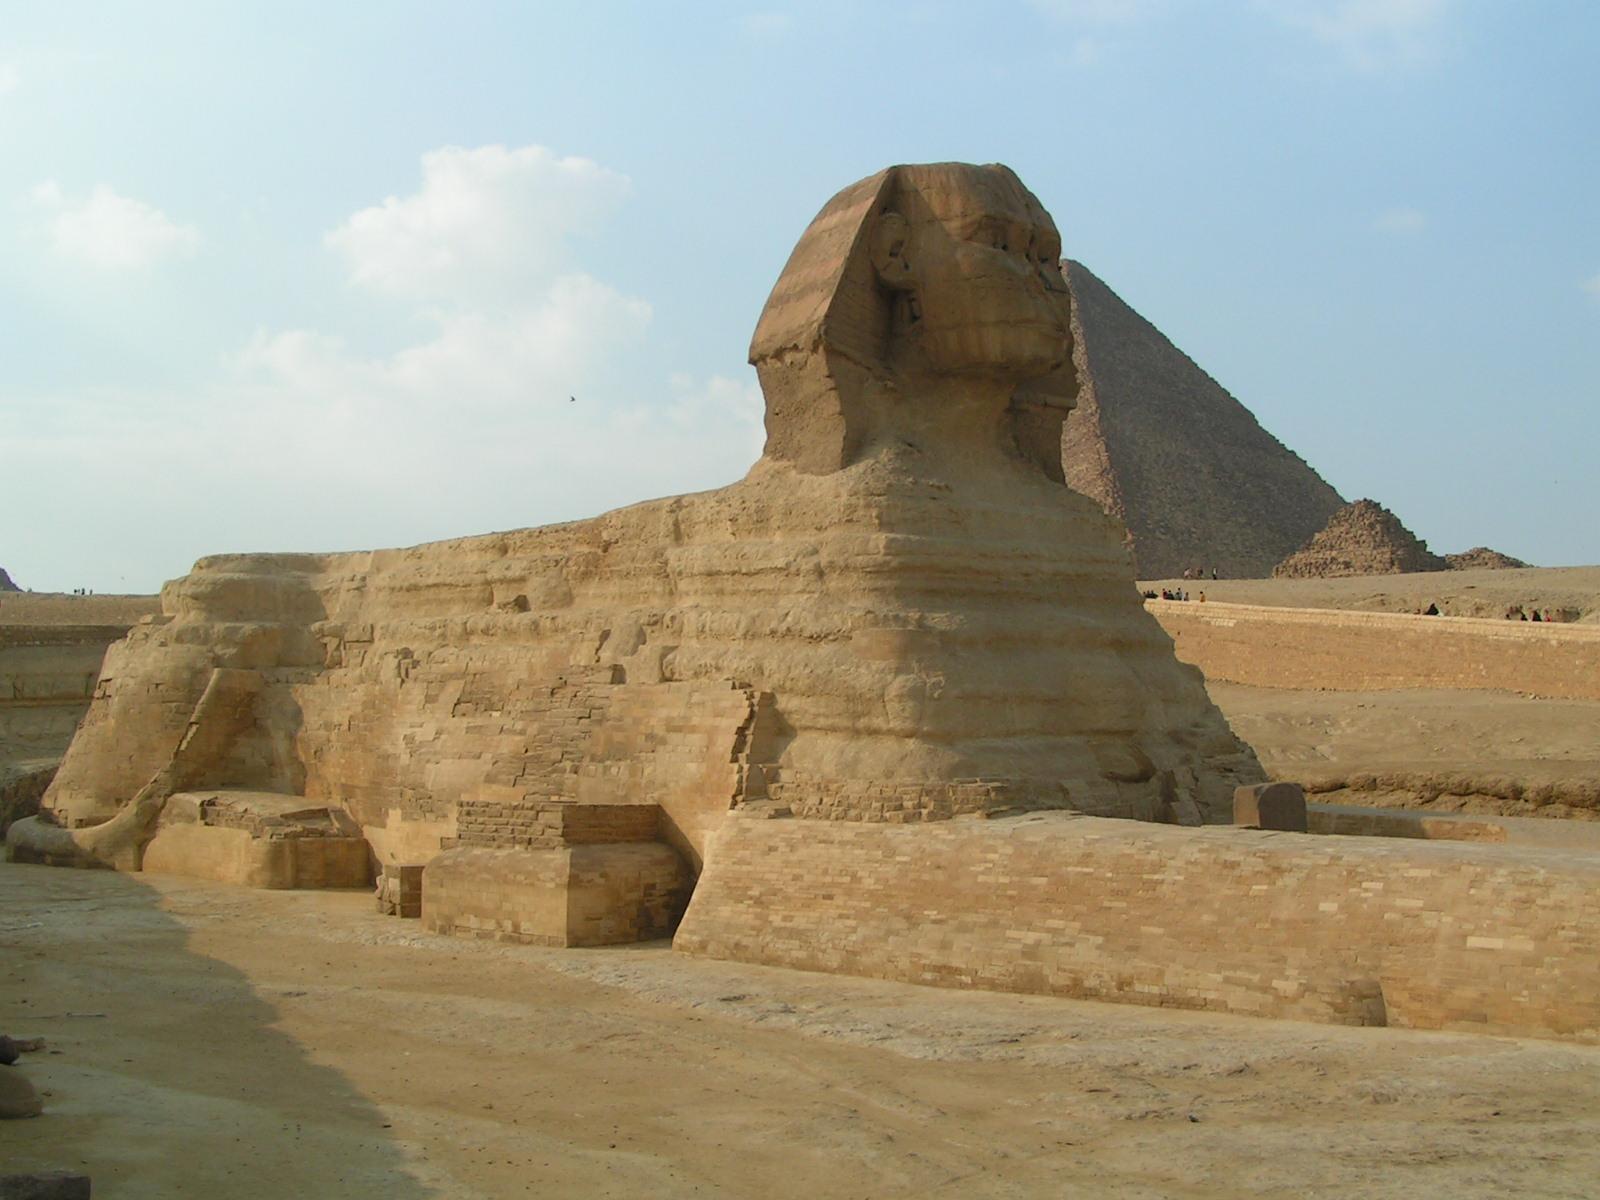 Egyptin valttina aurinko ja ystävälliset ihmiset